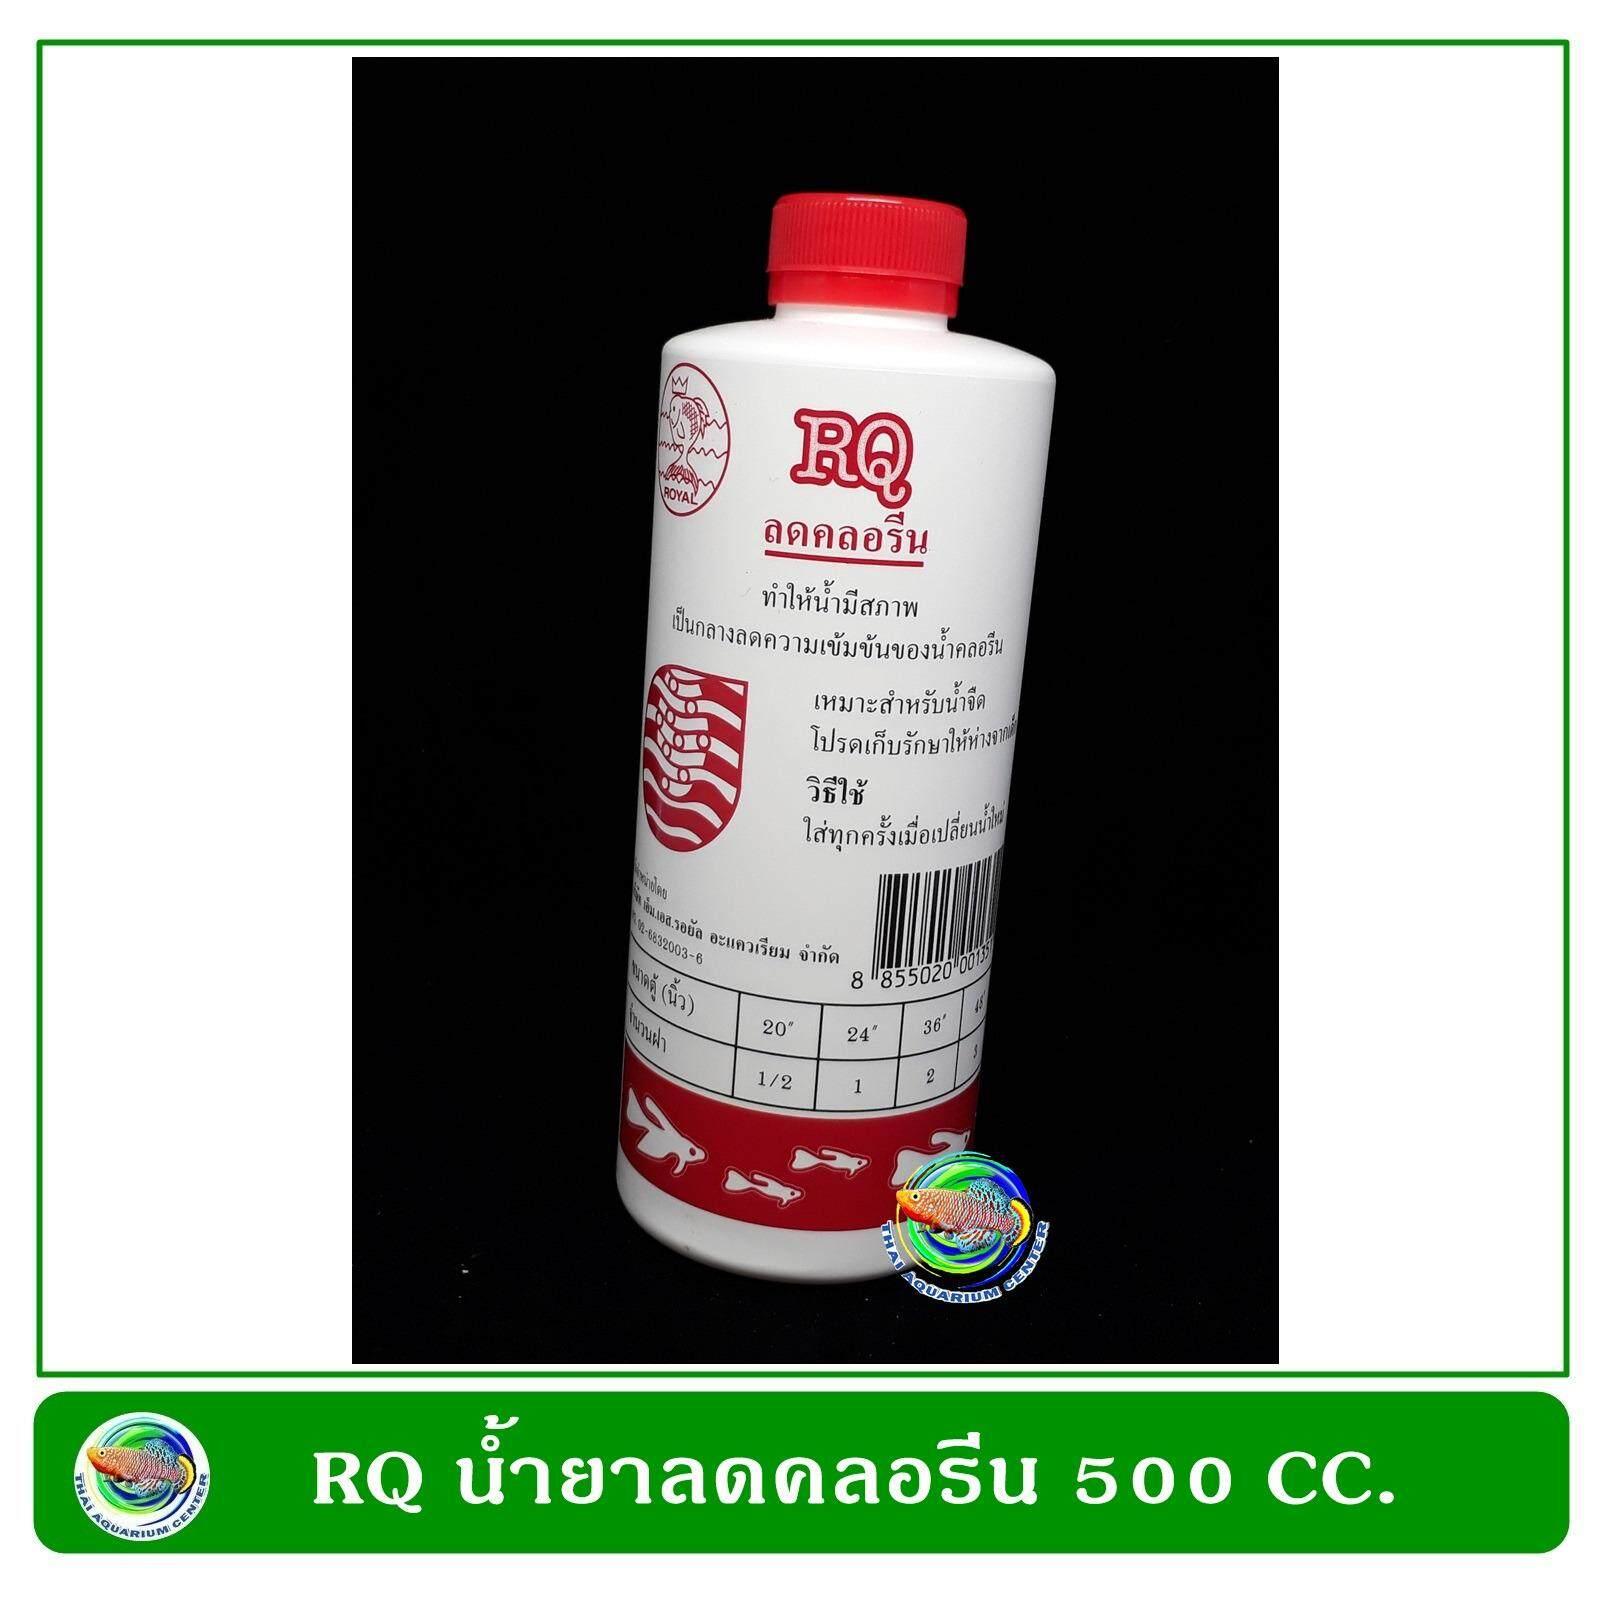 ส่วนลด Rq น้ำยาลดคลอรีนในตู้ปลา ขนาด 500 ซีซี Generic